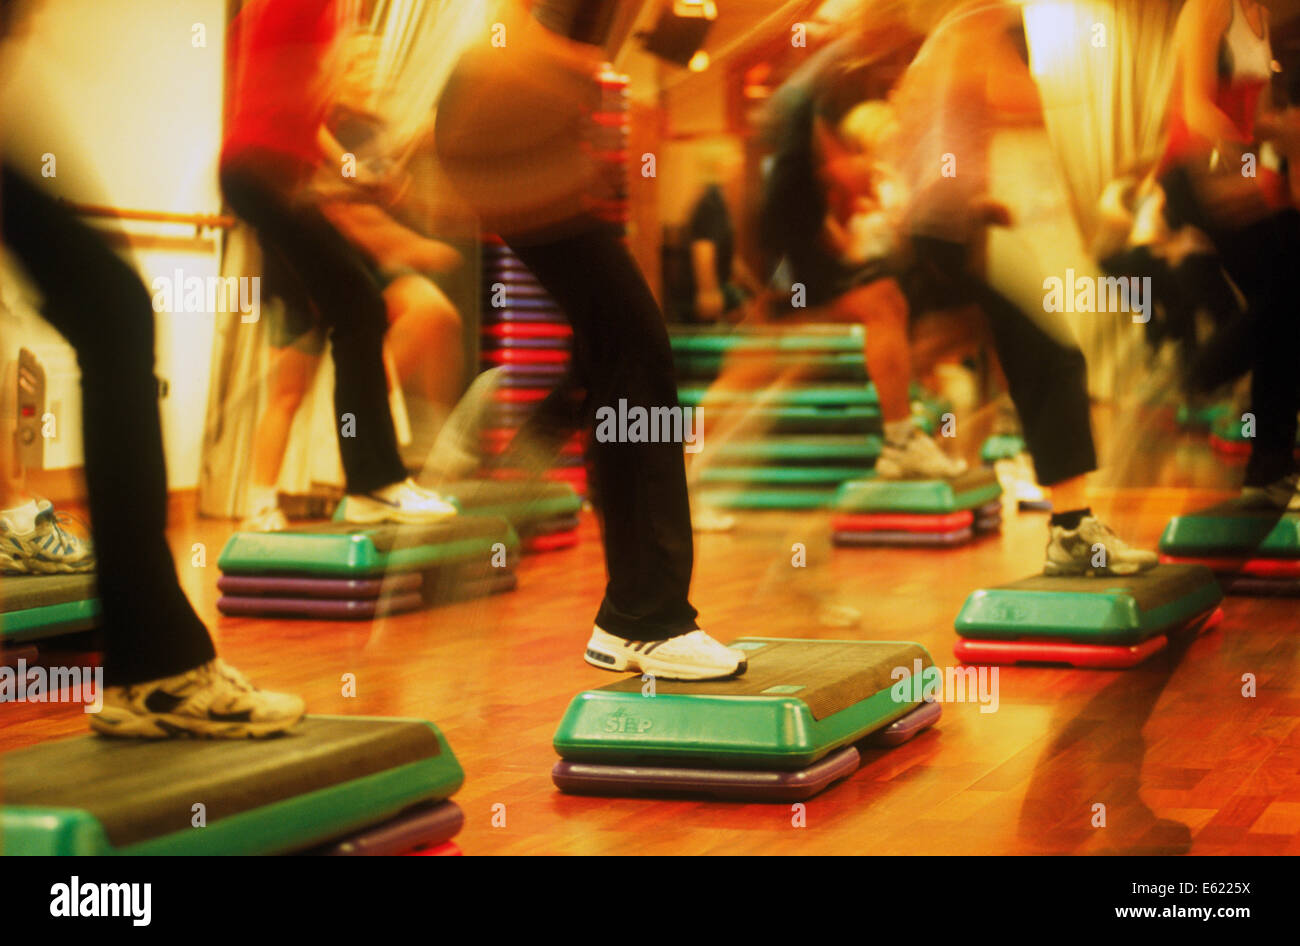 Les jambes et les chaussures en mouvement au cours d'exercices pas à pas Photo Stock